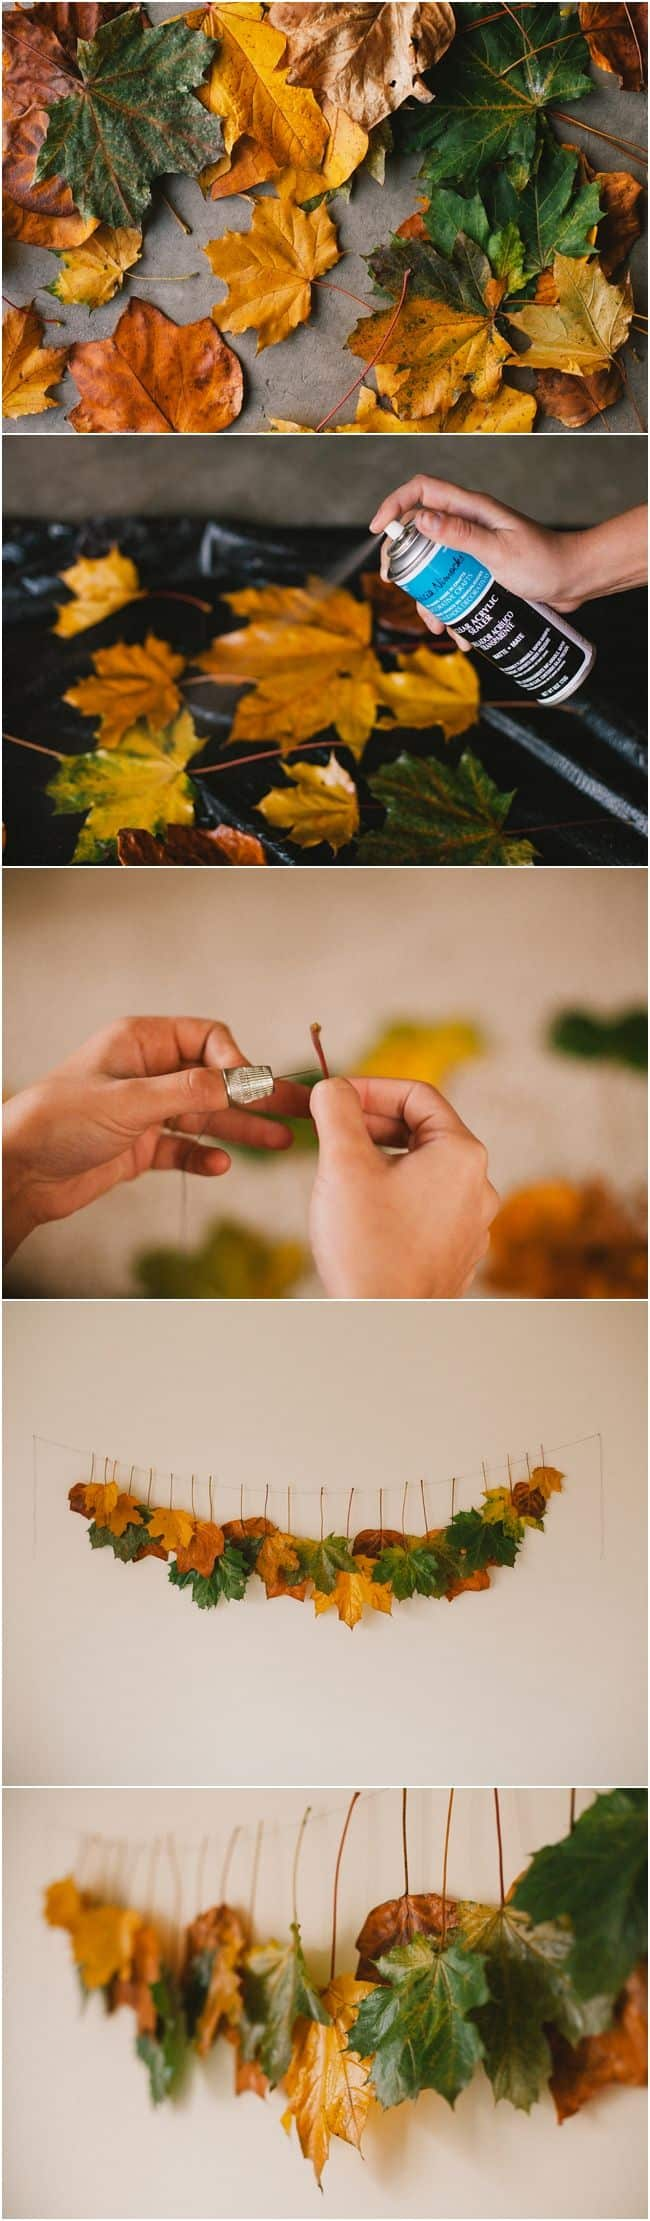 Arredo casa faidate con le foglie - autunno